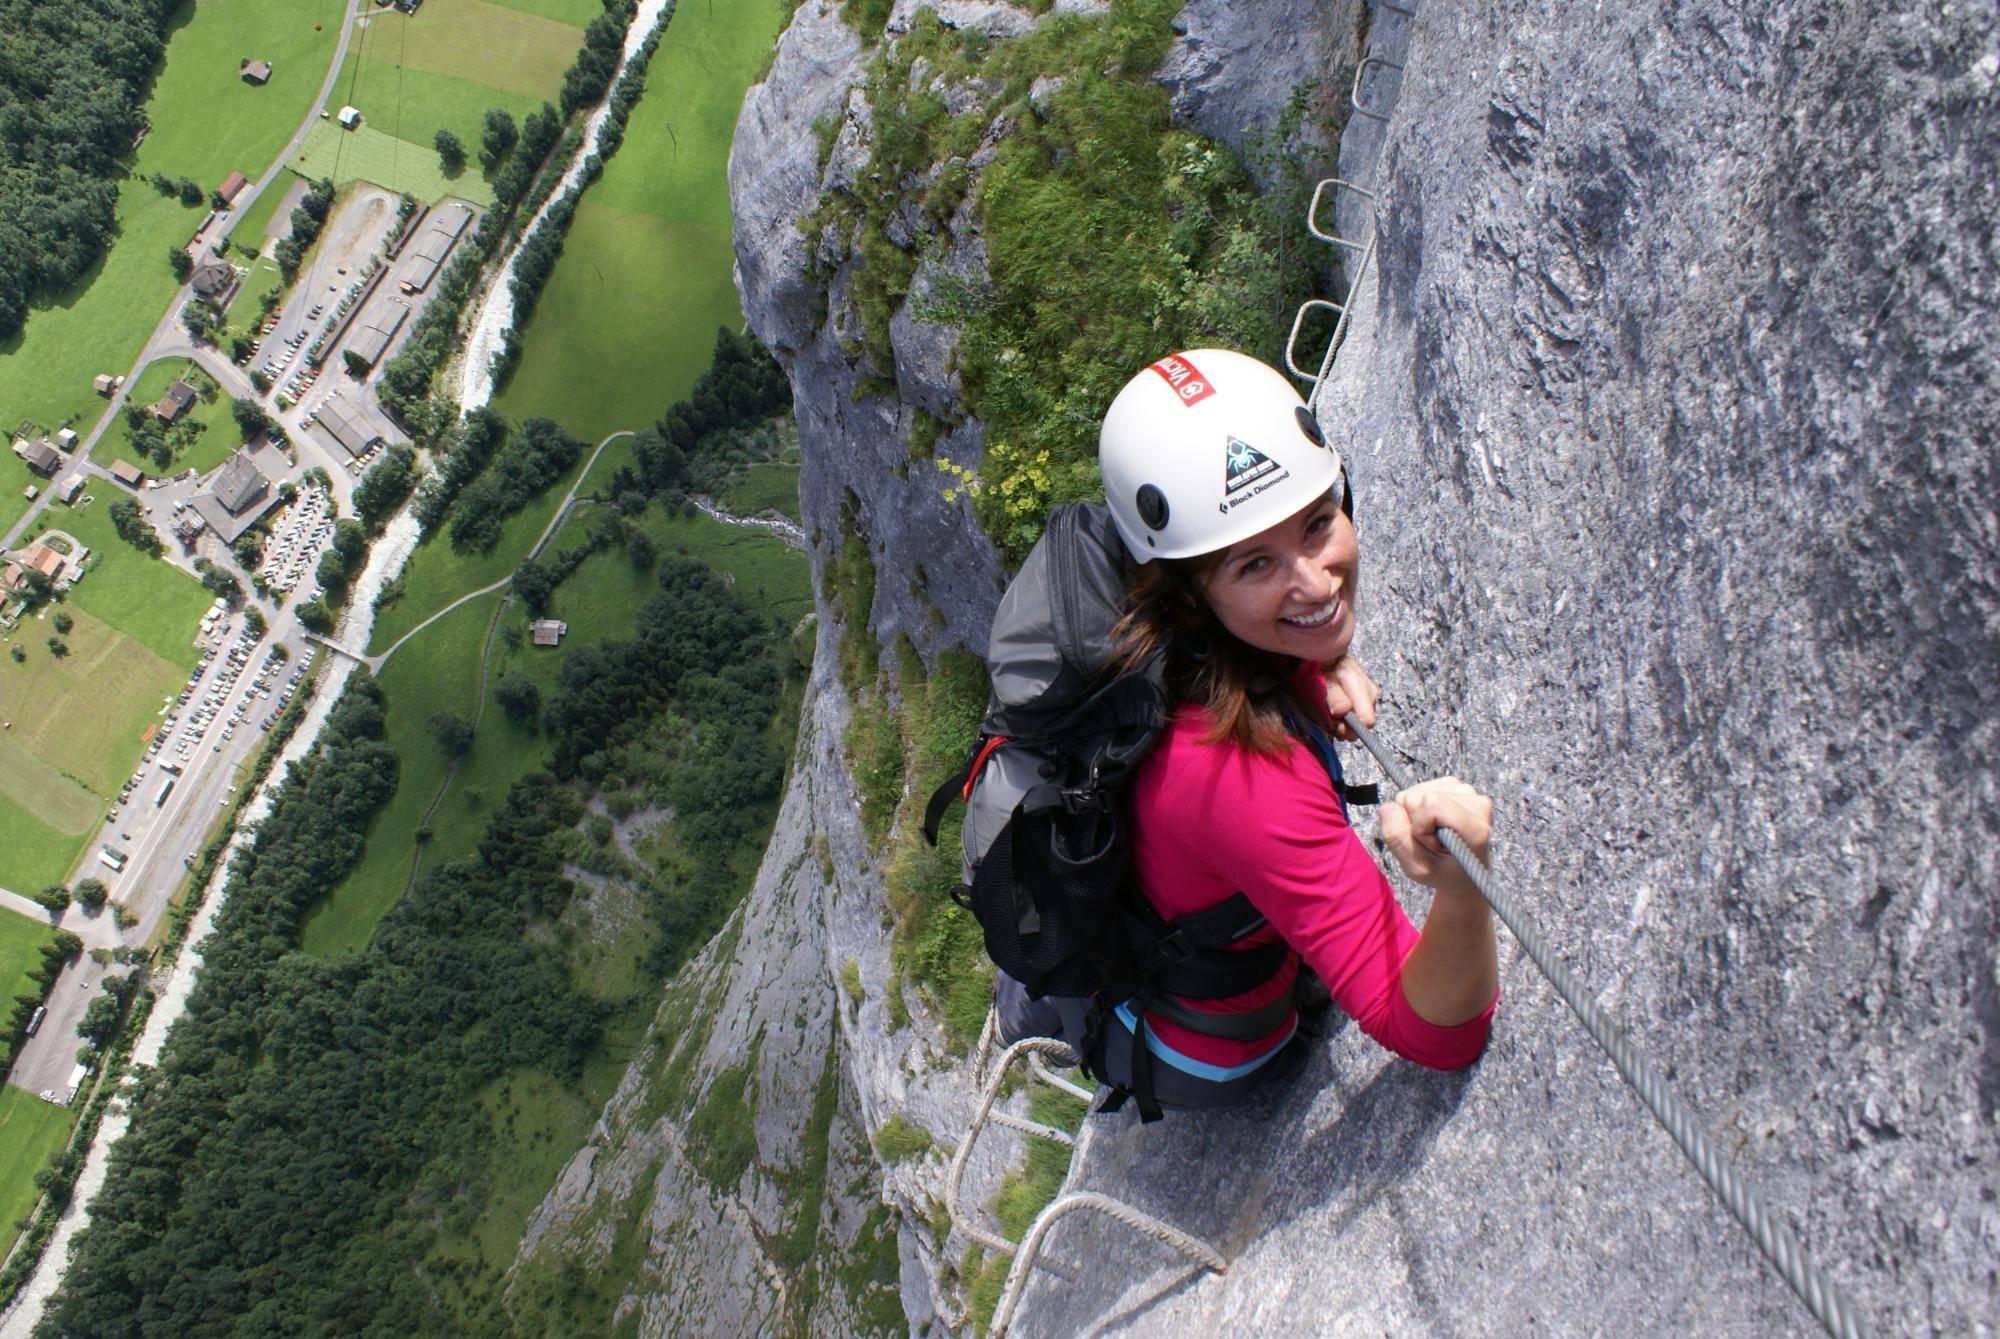 Klettersteig In English : Kleiner daubenhorn klettersteig klettersteige via ferratas in